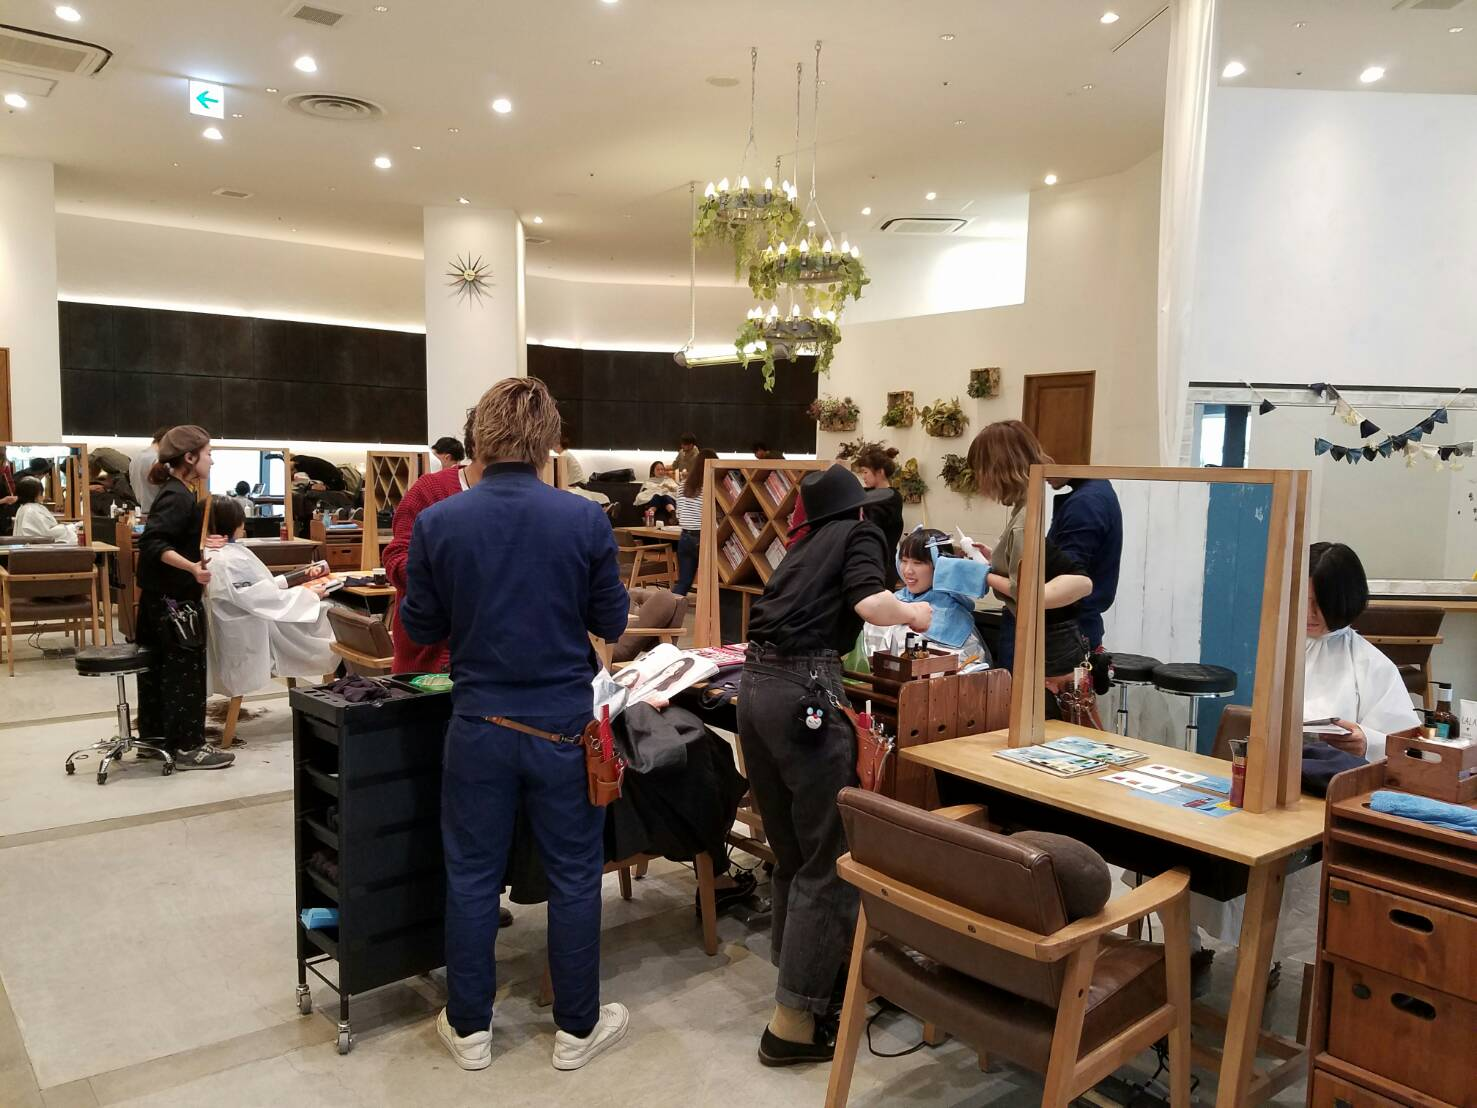 森越道大、パーマ美容師、ゆるふわパーマ、パーマスタイル、縮毛矯正、ストレートパーマ、前髪パーマ、デジタルパーマ、GARDEN、NEUTRAL